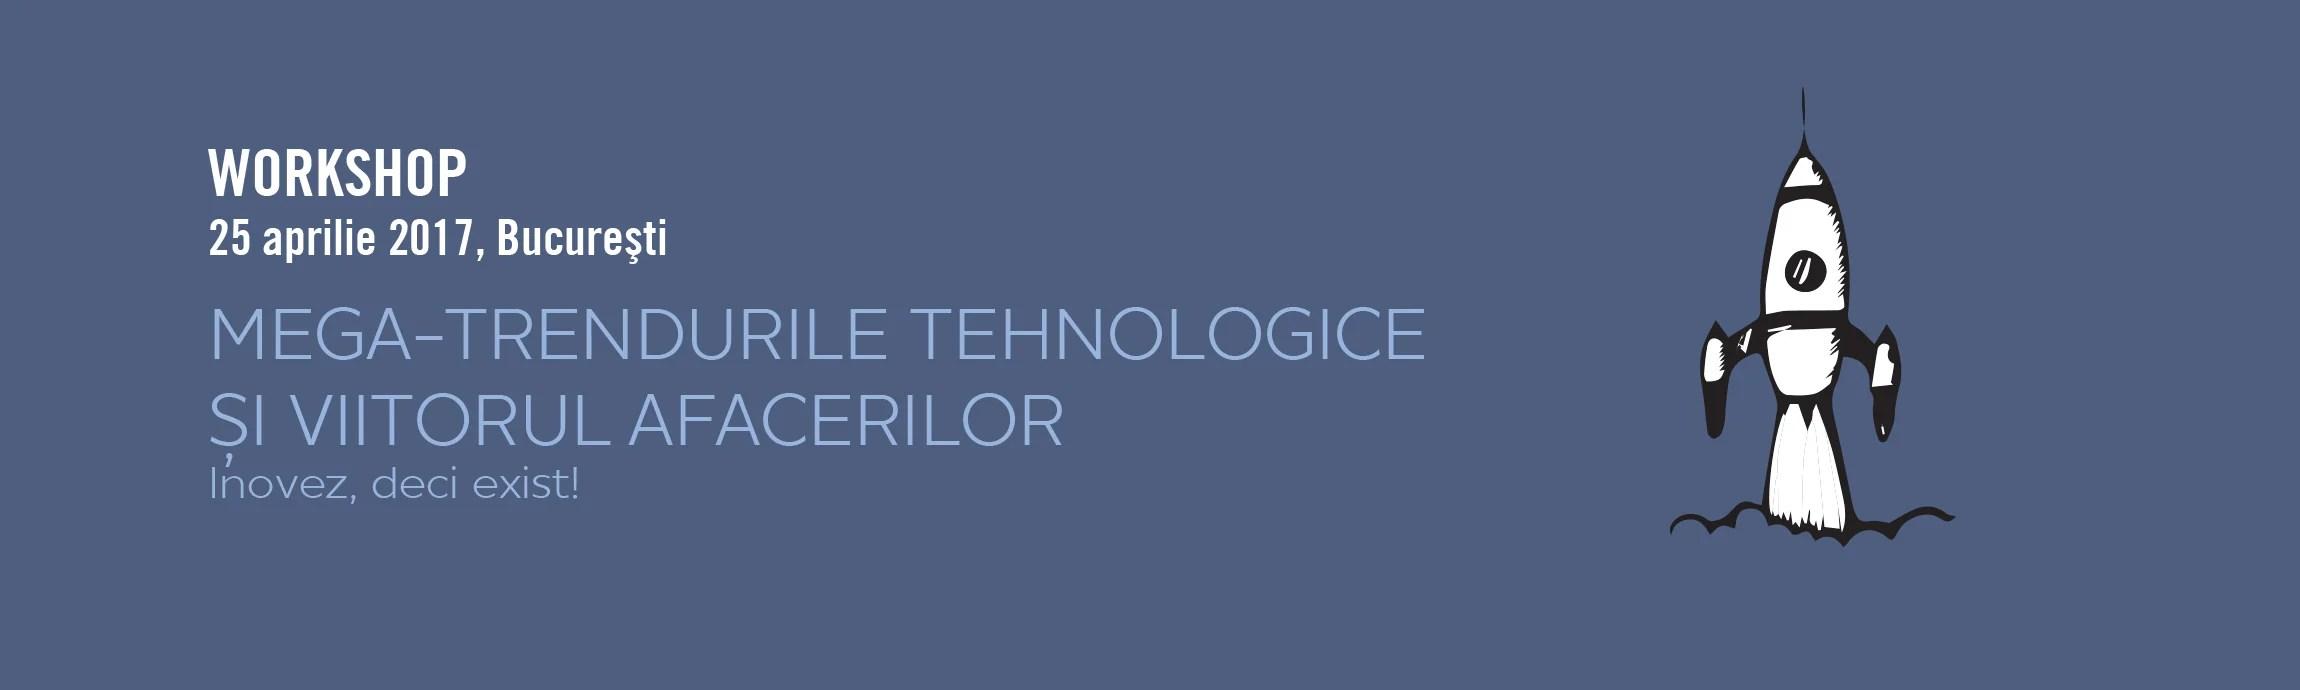 WORKSHOP: MEGA-TRENDURILE TEHNOLOGICE ȘI VIITORUL AFACERILOR